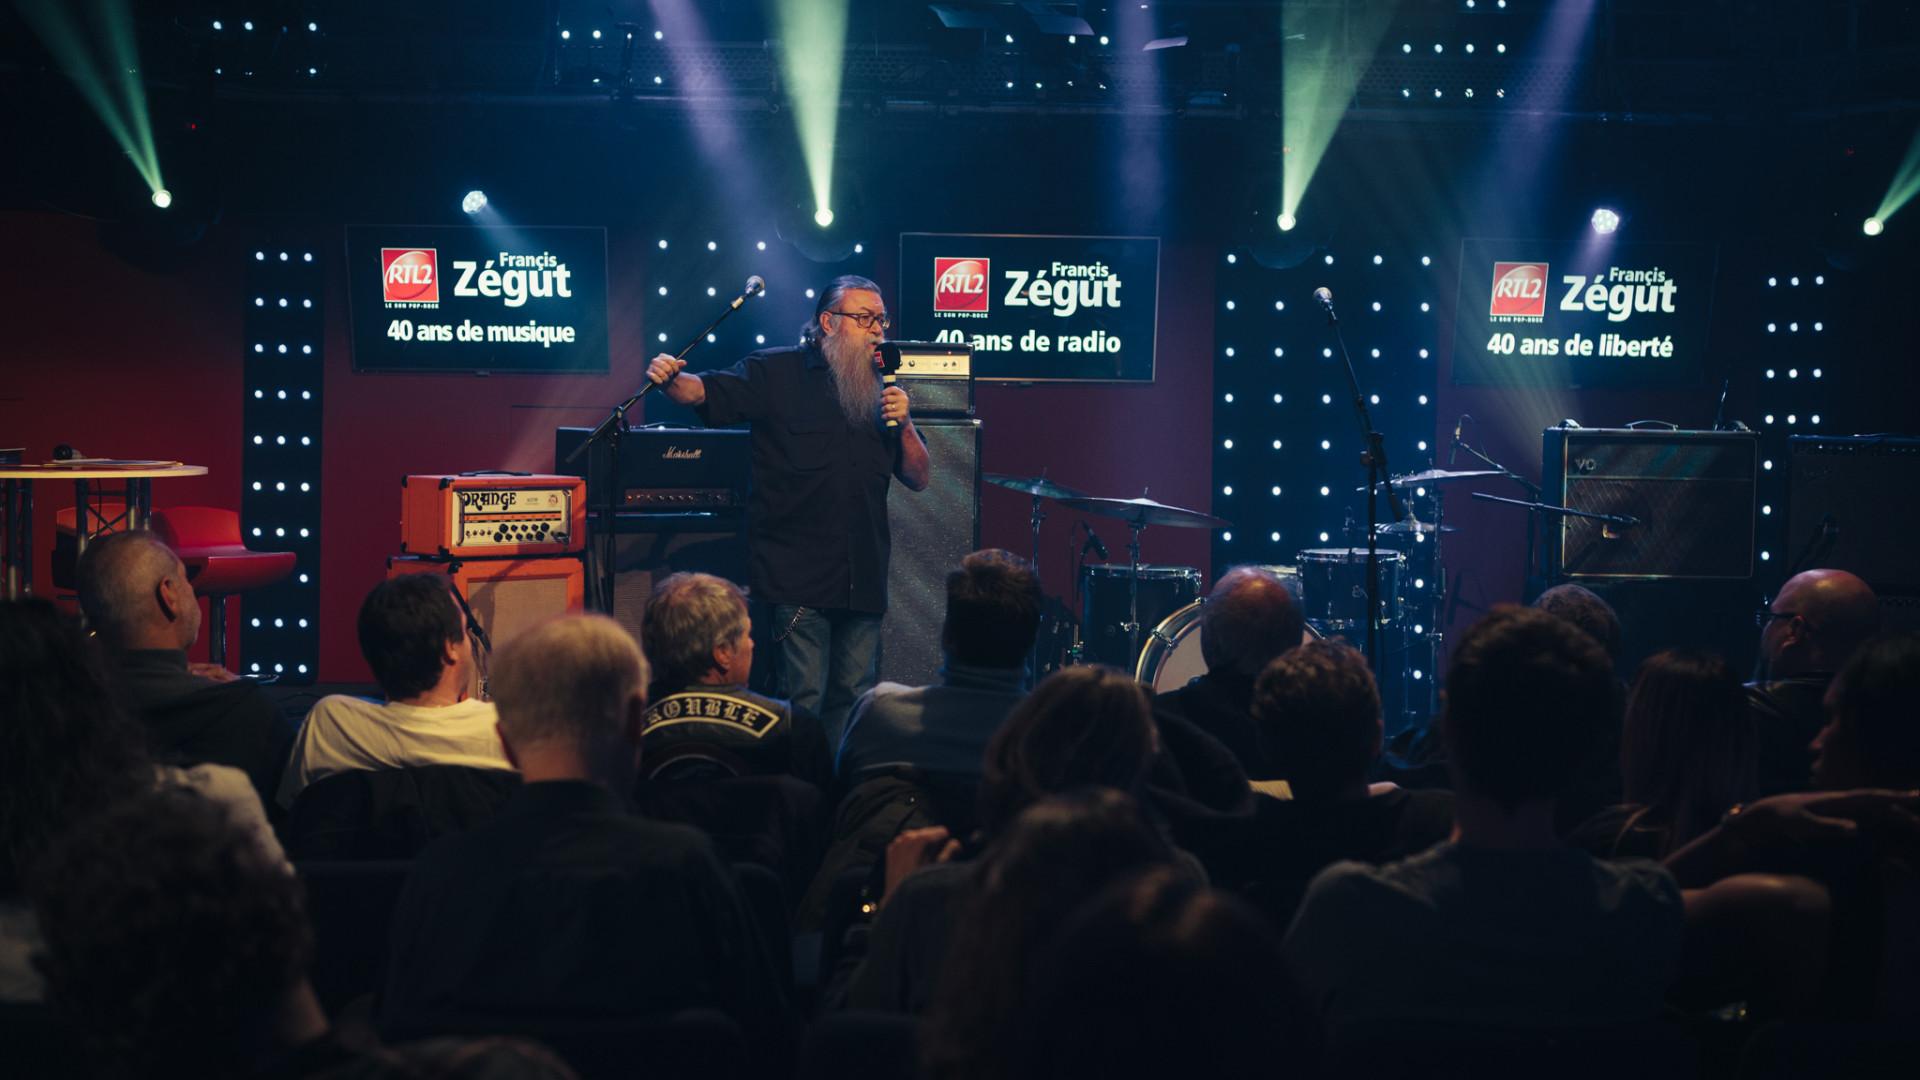 Francis Zégut en direct du Grand Studio pour un Pop-Rock Station exceptionnel